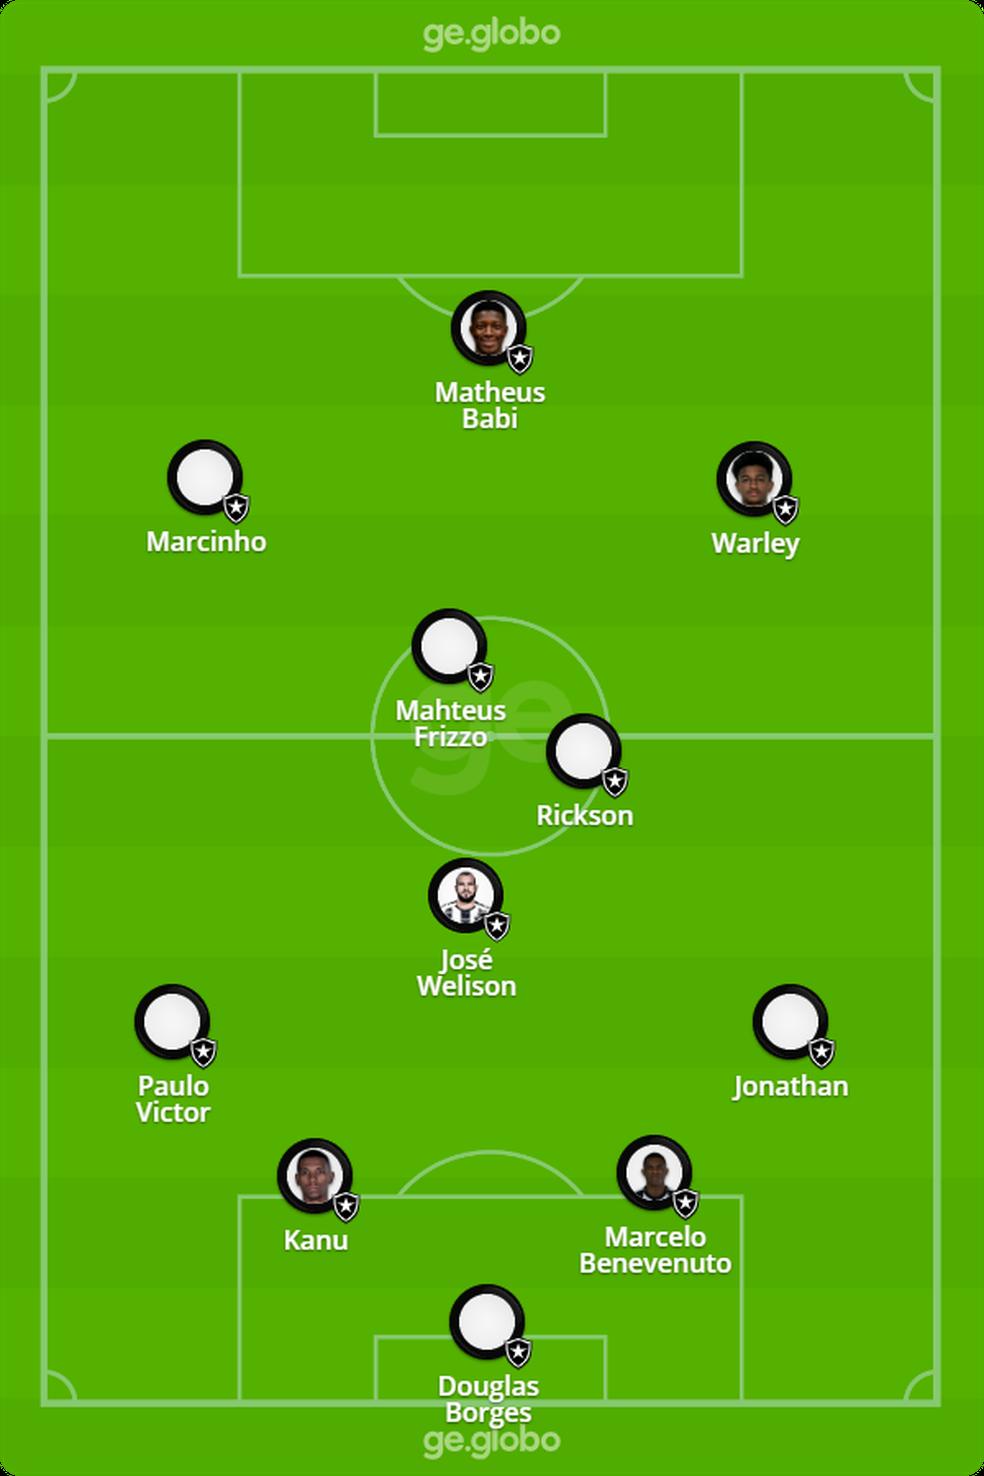 Provável escalação do Botafogo para enfrentar o Vasco  — Foto: ge